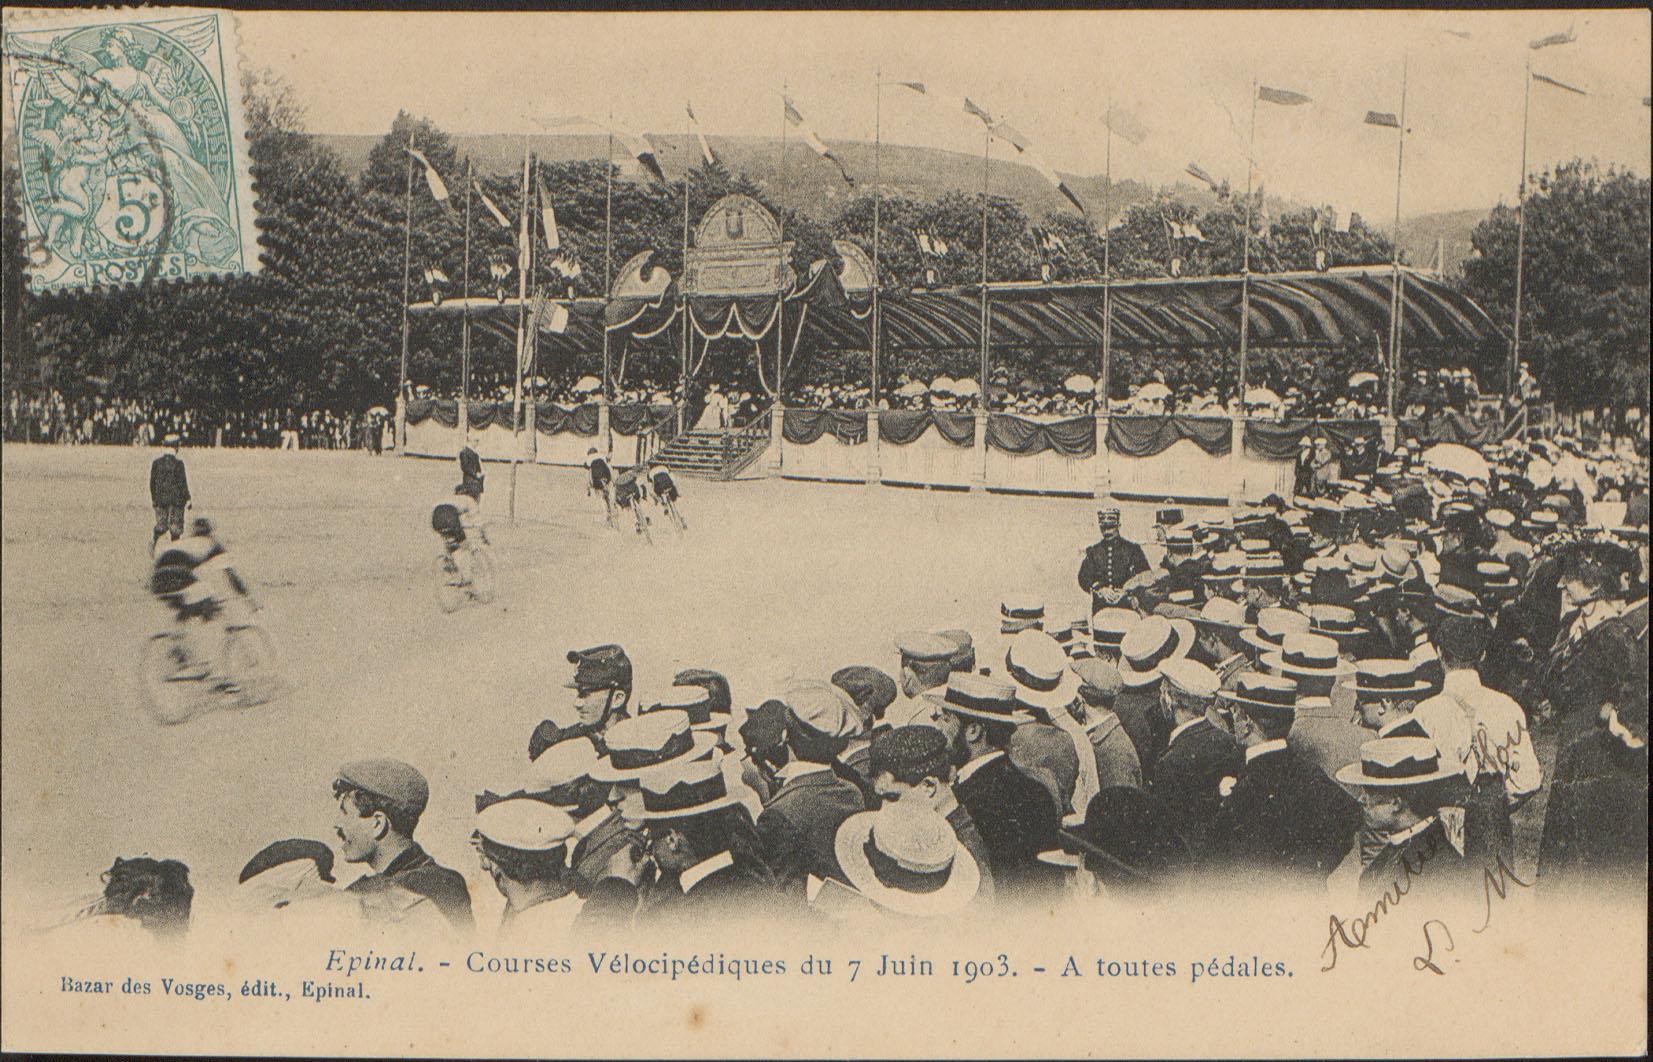 Contenu du Épinal, Courses Vélocipédique du 7 Juin 1903, À toutes pédales